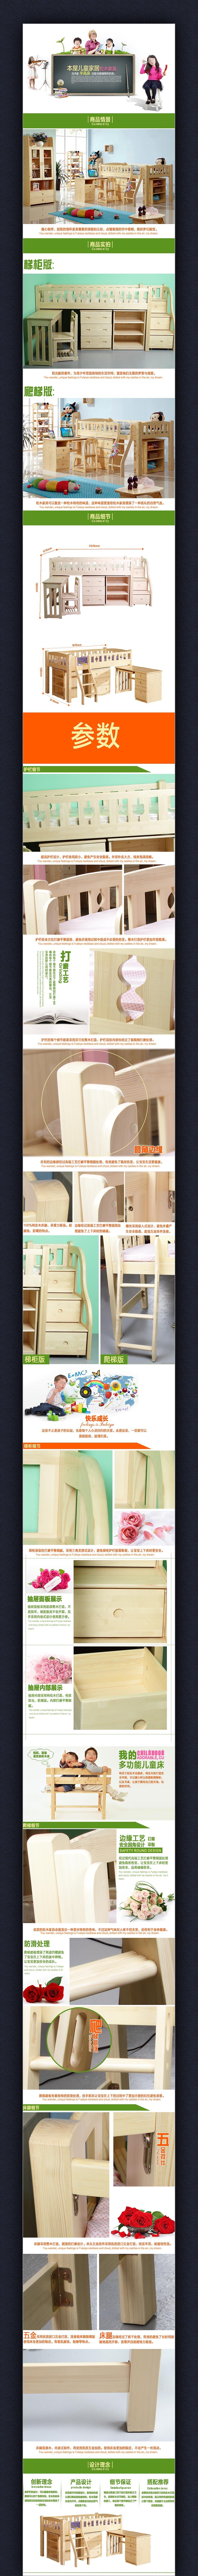 儿童松木家具宝贝详情页模版